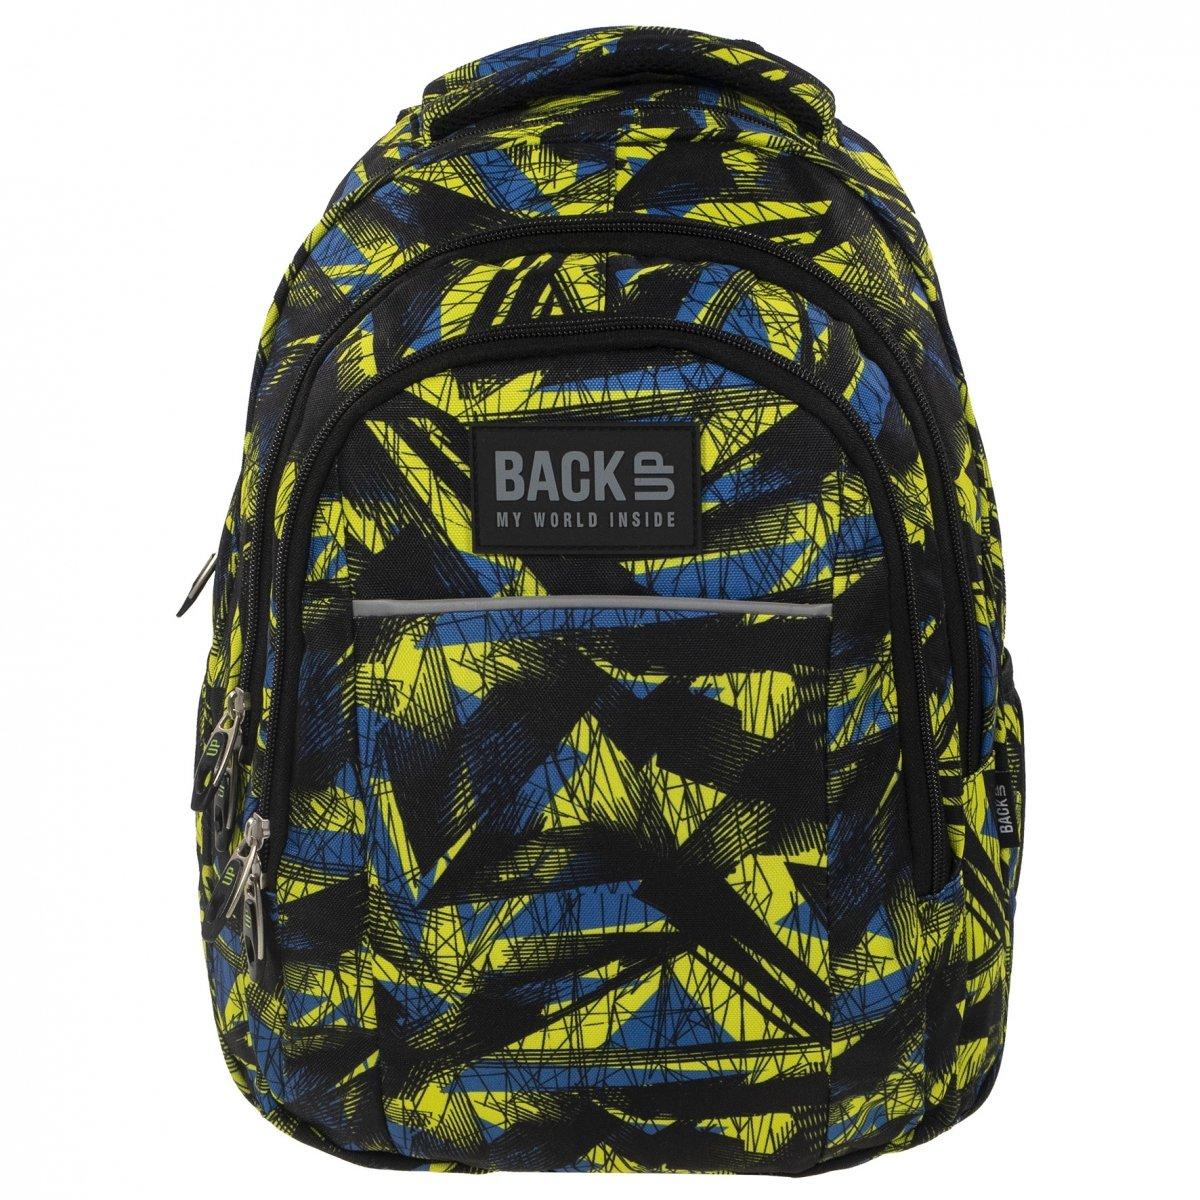 b63c87960fa25 Plecak szkolny młodzieżowy Back UP kolorowe wzory ABSTRACT ART (PLB1H29)